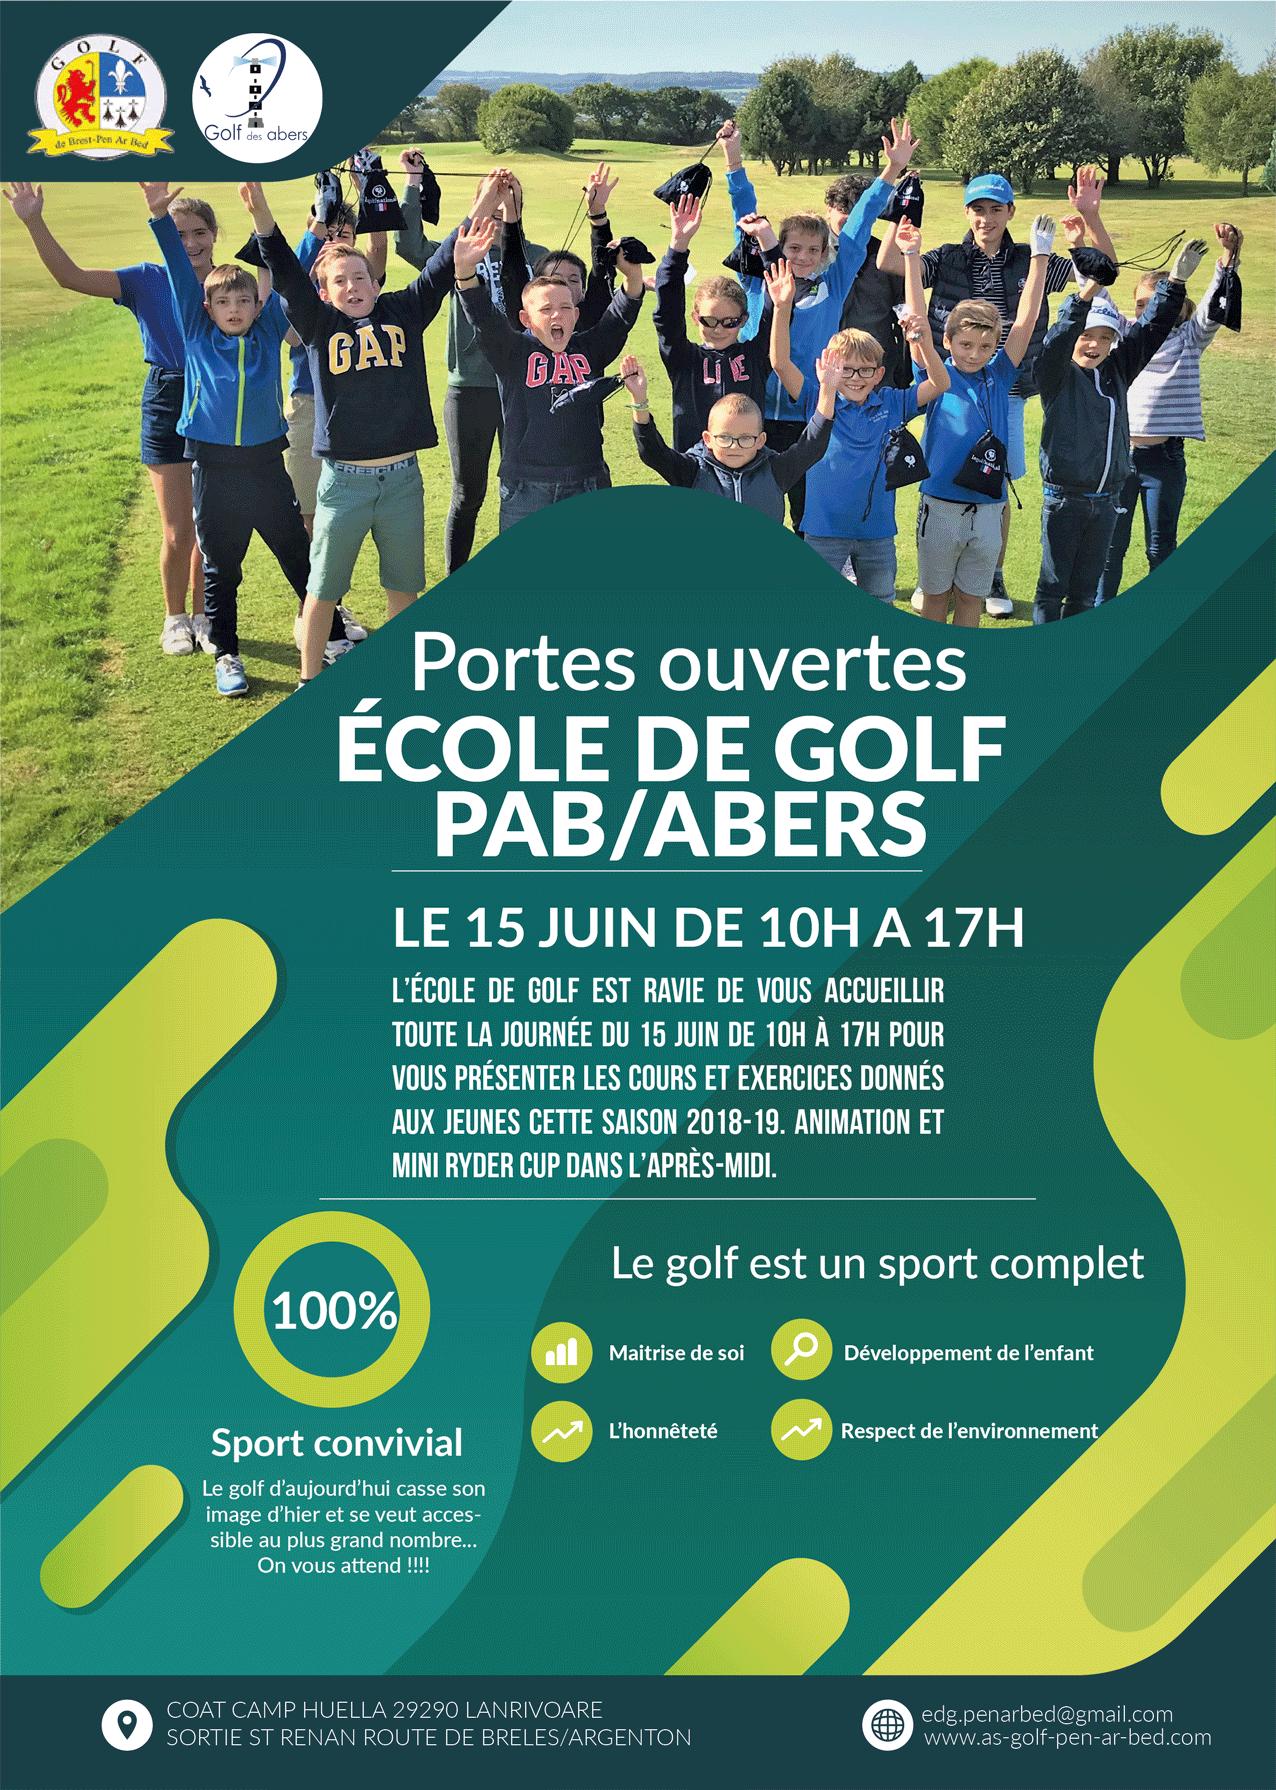 Portes ouvertes le 15 juin a l'école de golf de Pen Ar Bed